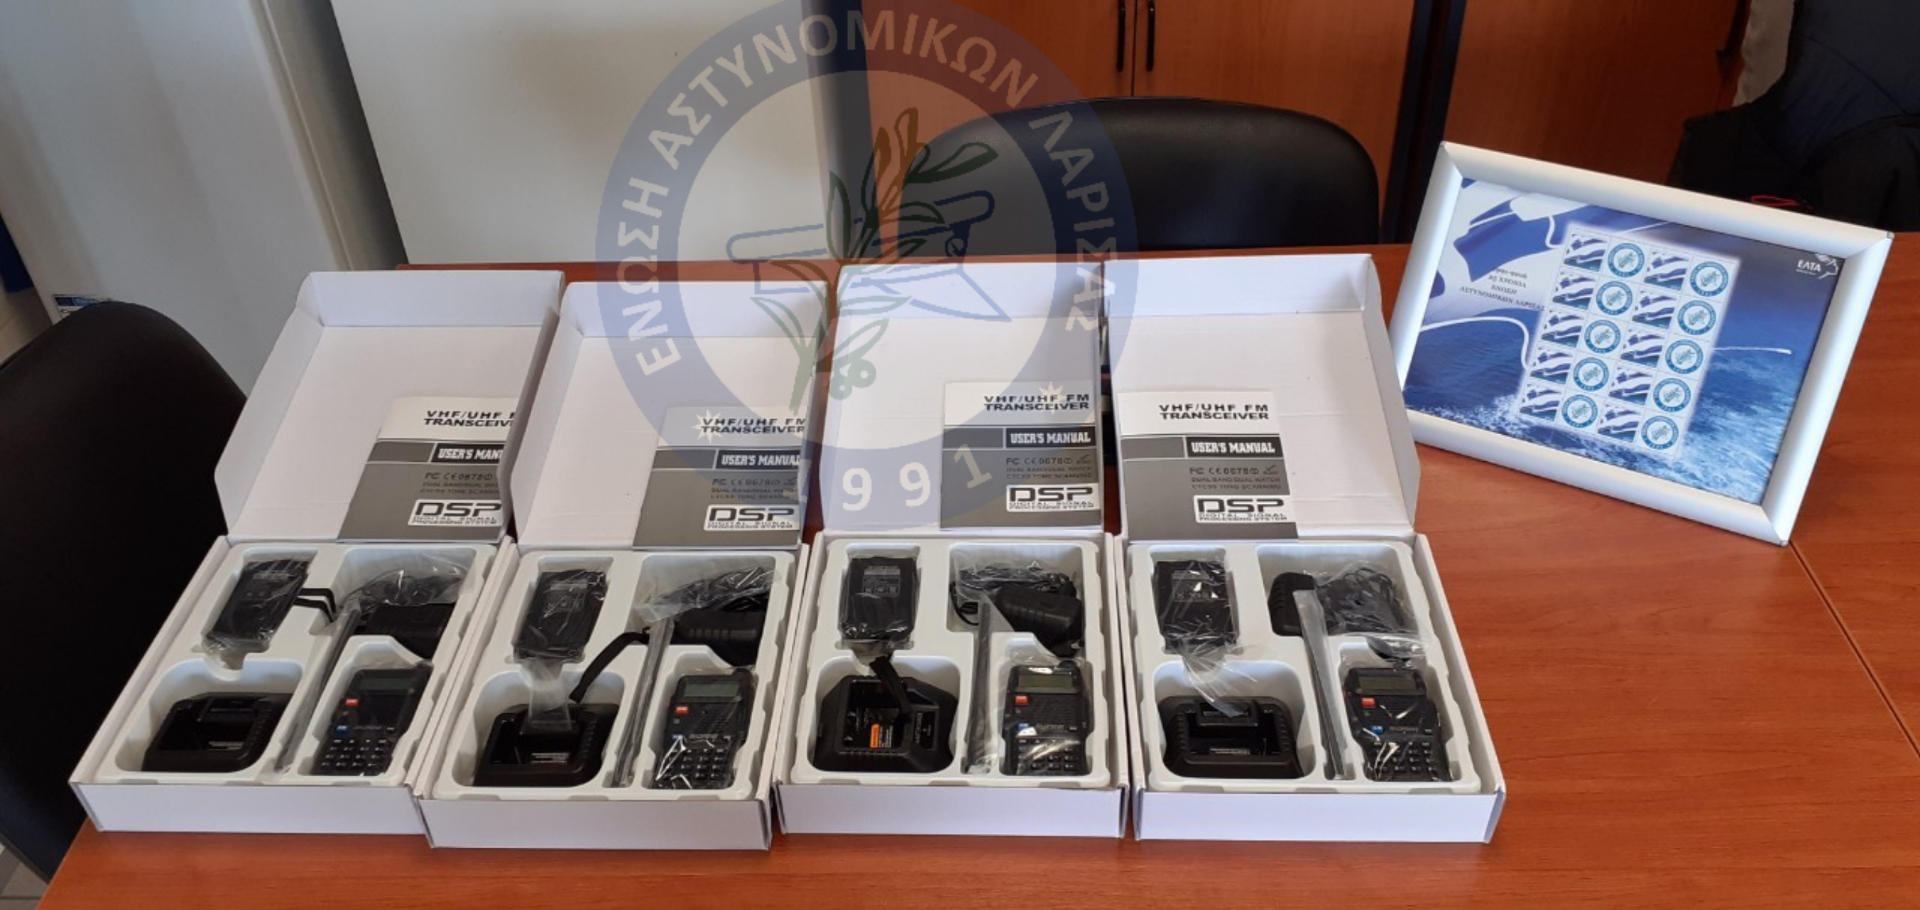 Δωρεά από αστυνομικούς της Αγιάς στην Ένωση Αστυνομικών Λάρισας